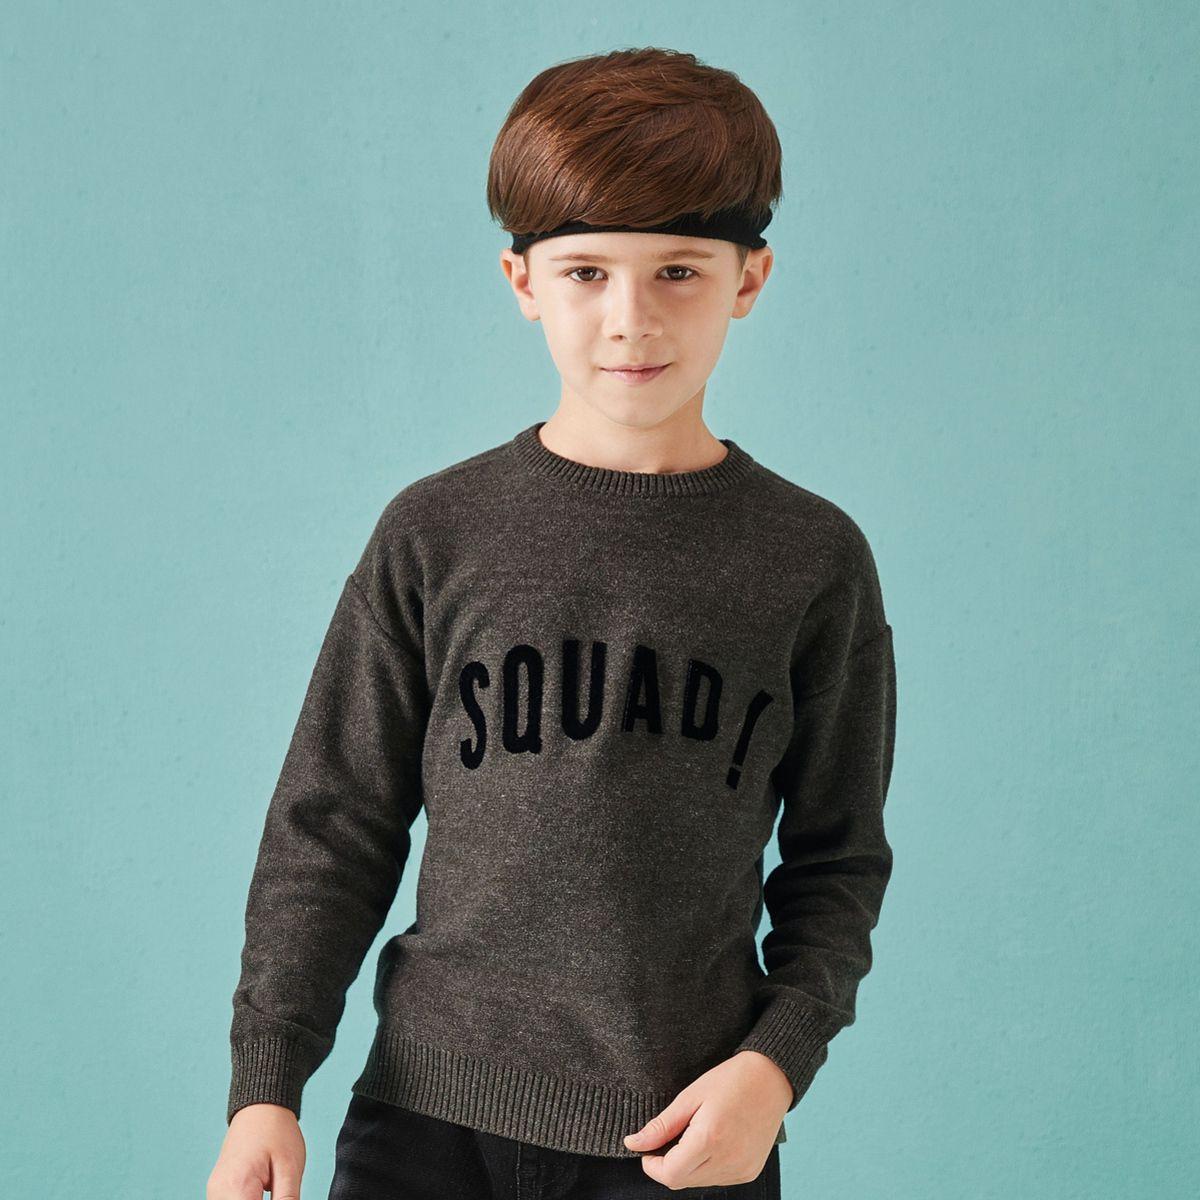 巴拉巴拉巴拉巴拉男童新款秋装中大童儿童毛衣男童针织衫套头线衫针织衫280331813044910